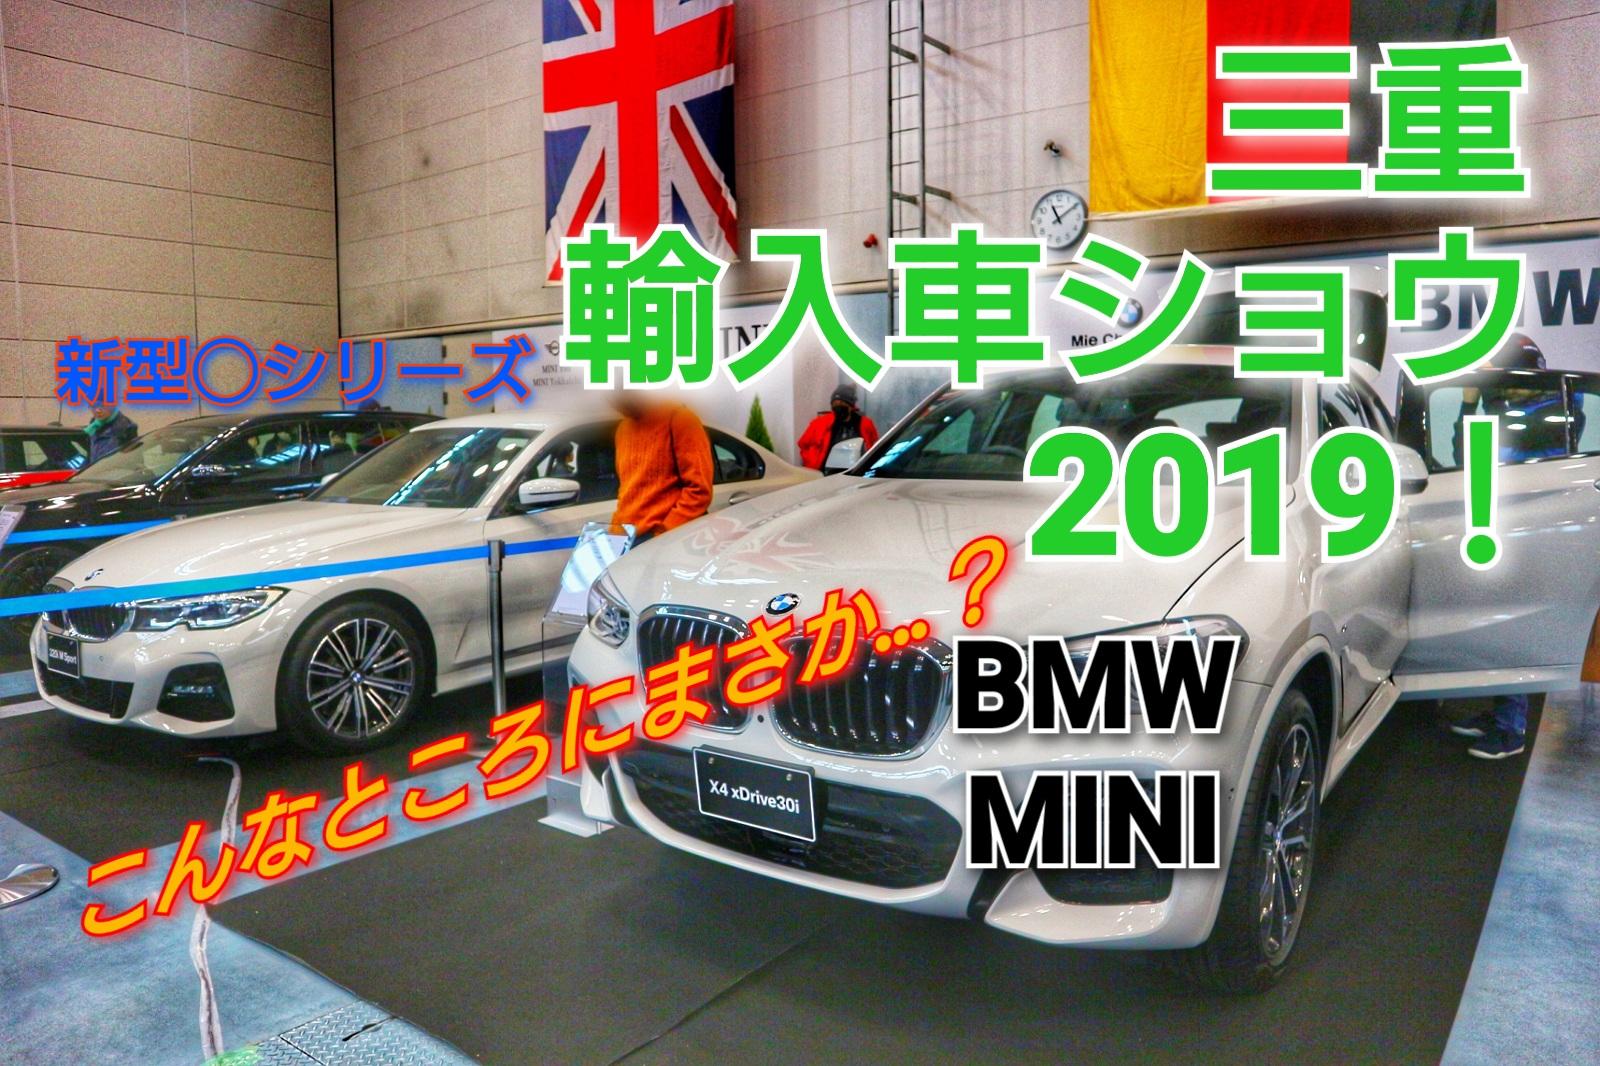 【新型〇シリーズの姿を捉えた…!】BMW/MINI編!三重輸入車ショウ2019!